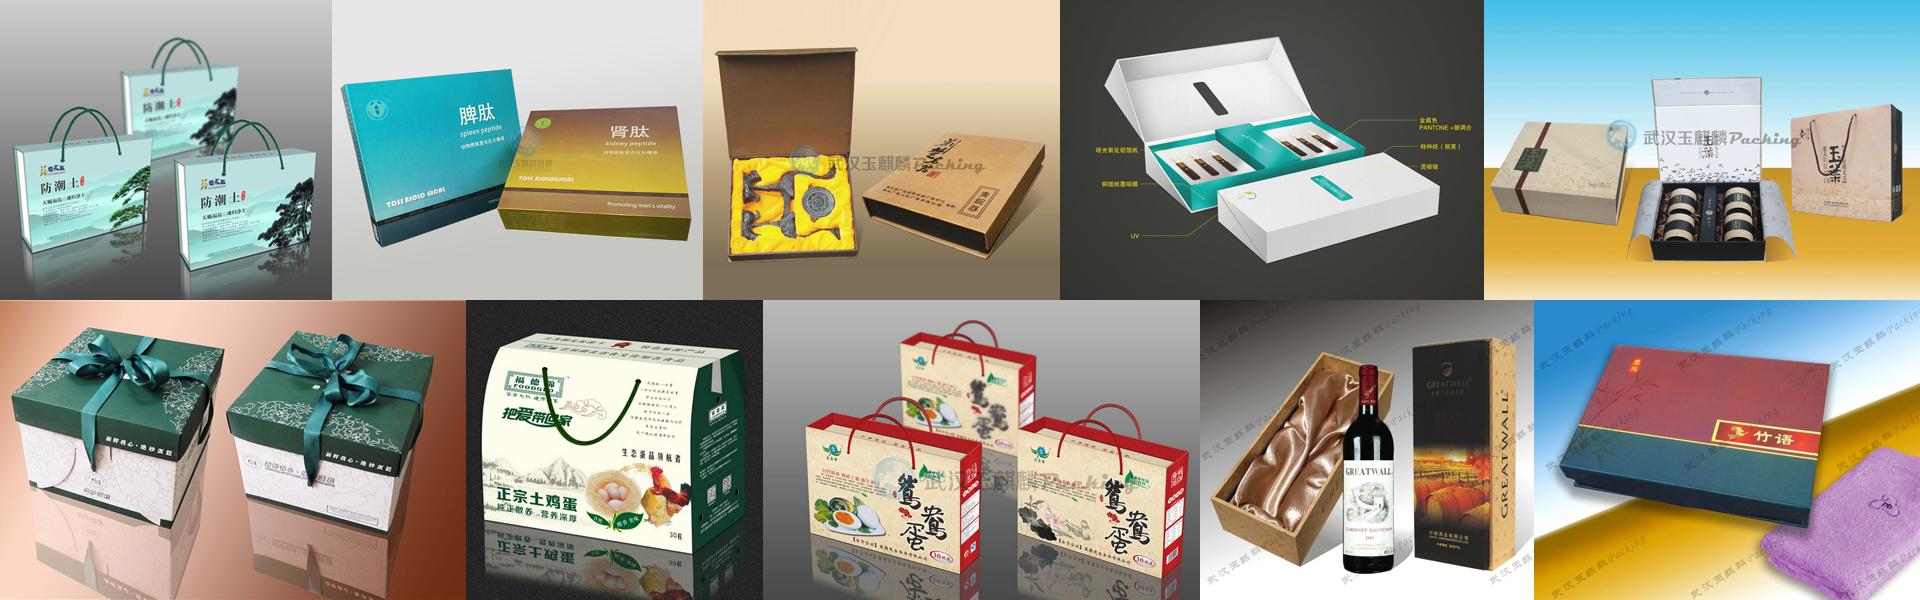 玉麒麟网站首页大图之二-武汉医用包装盒案例